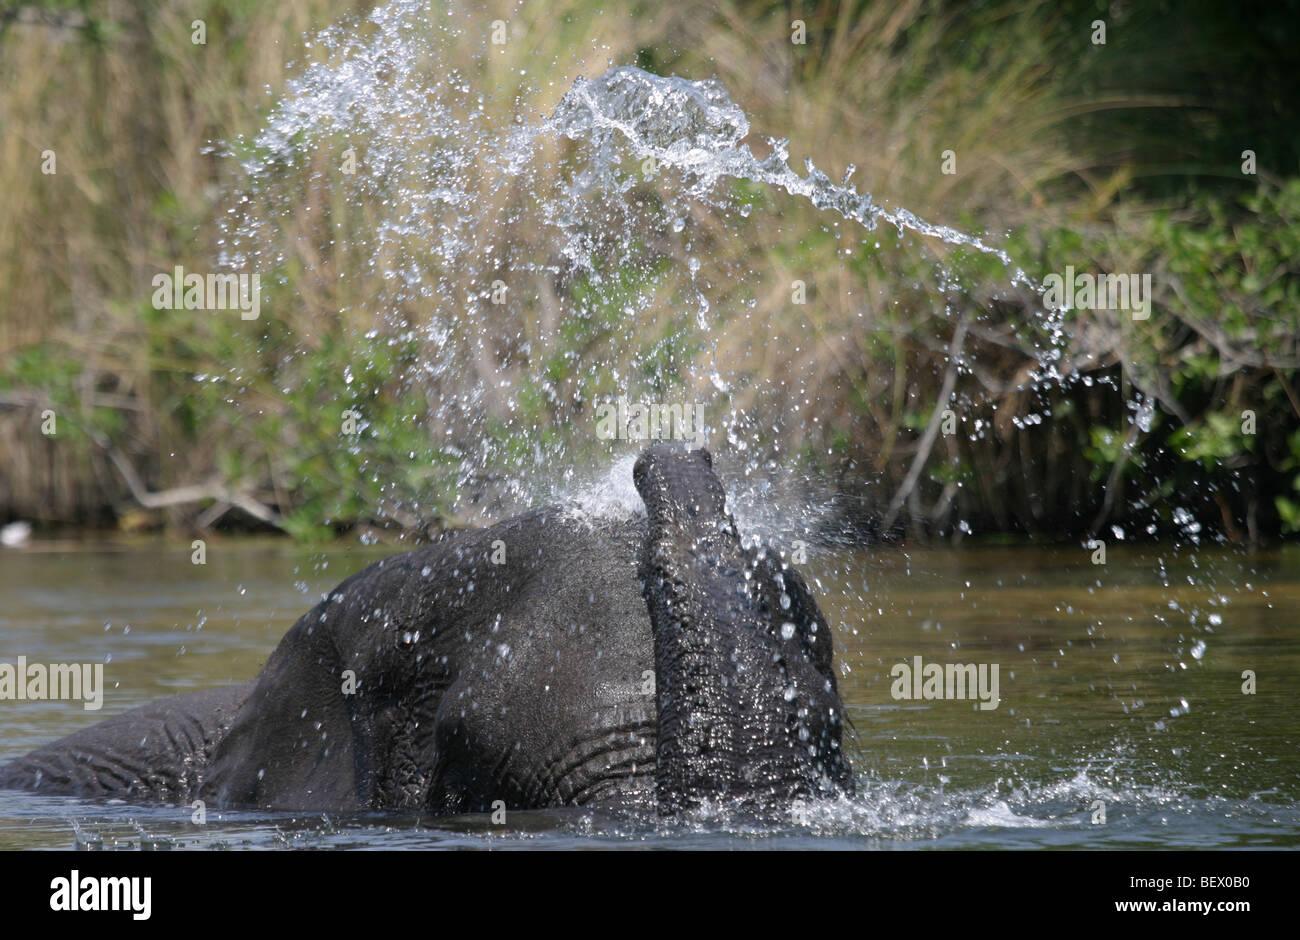 African elephant bathing in the Okavango Delta, Botswana. - Stock Image